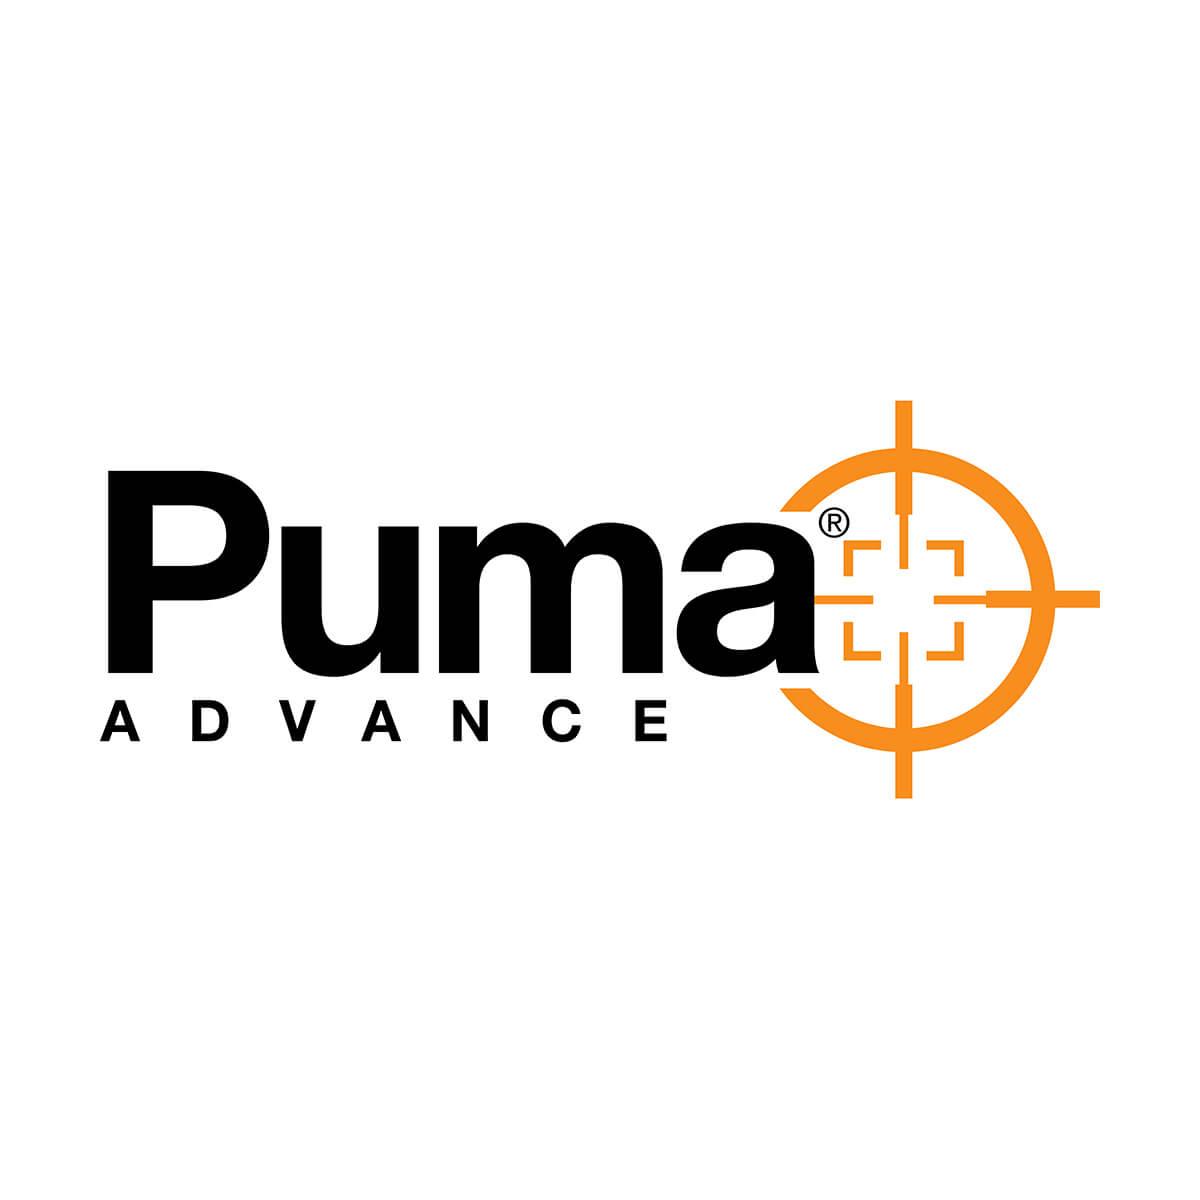 Puma Advance - 123.75L Drum